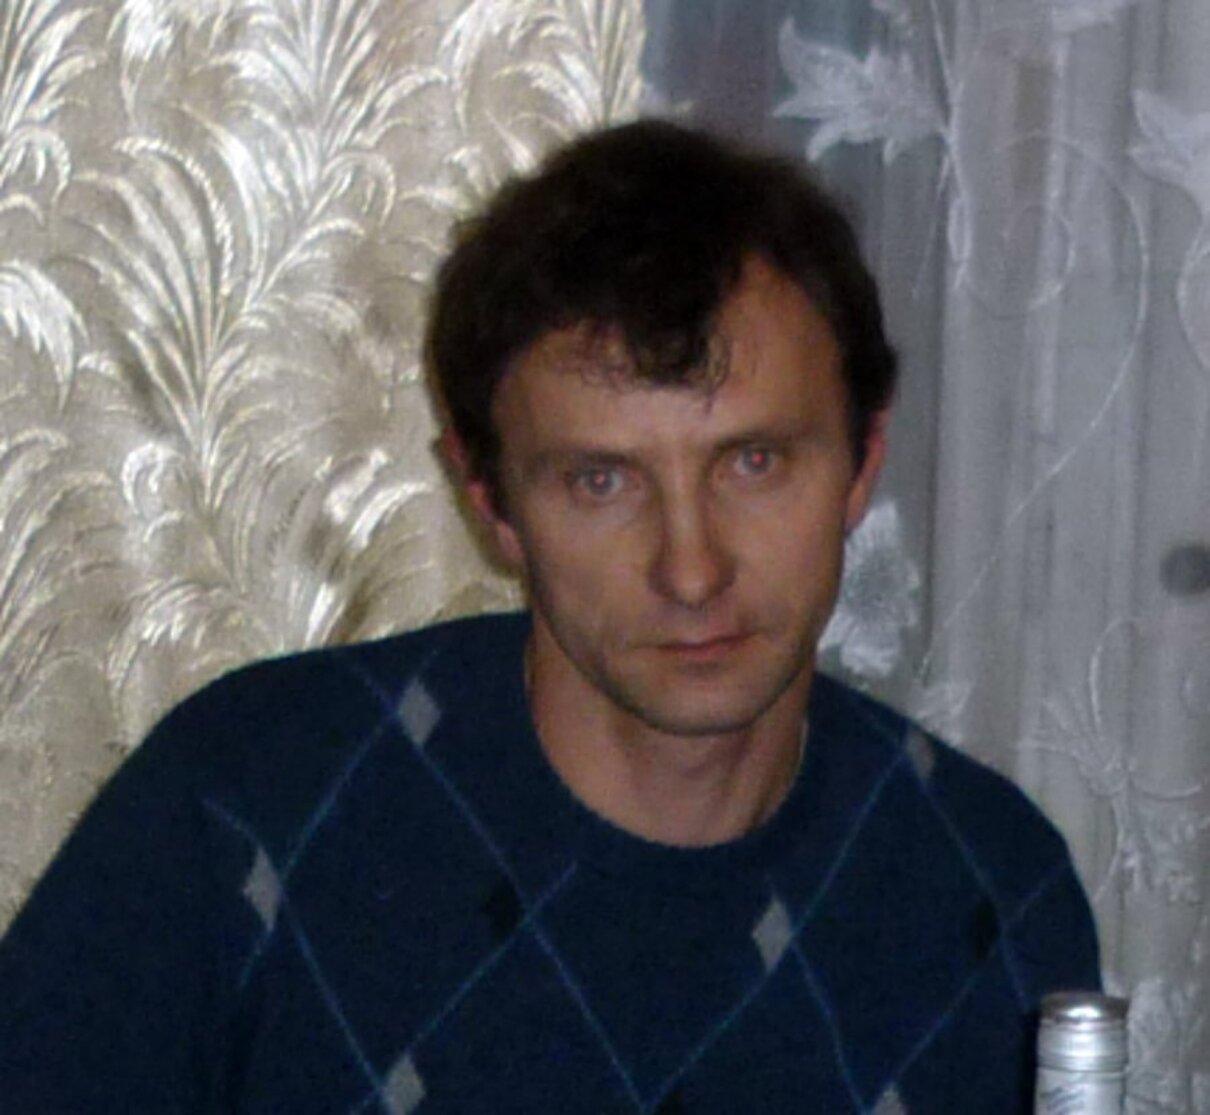 Жалоба-отзыв: Ткаченко Виталий - Альфонс и мошенник.  Фото №2